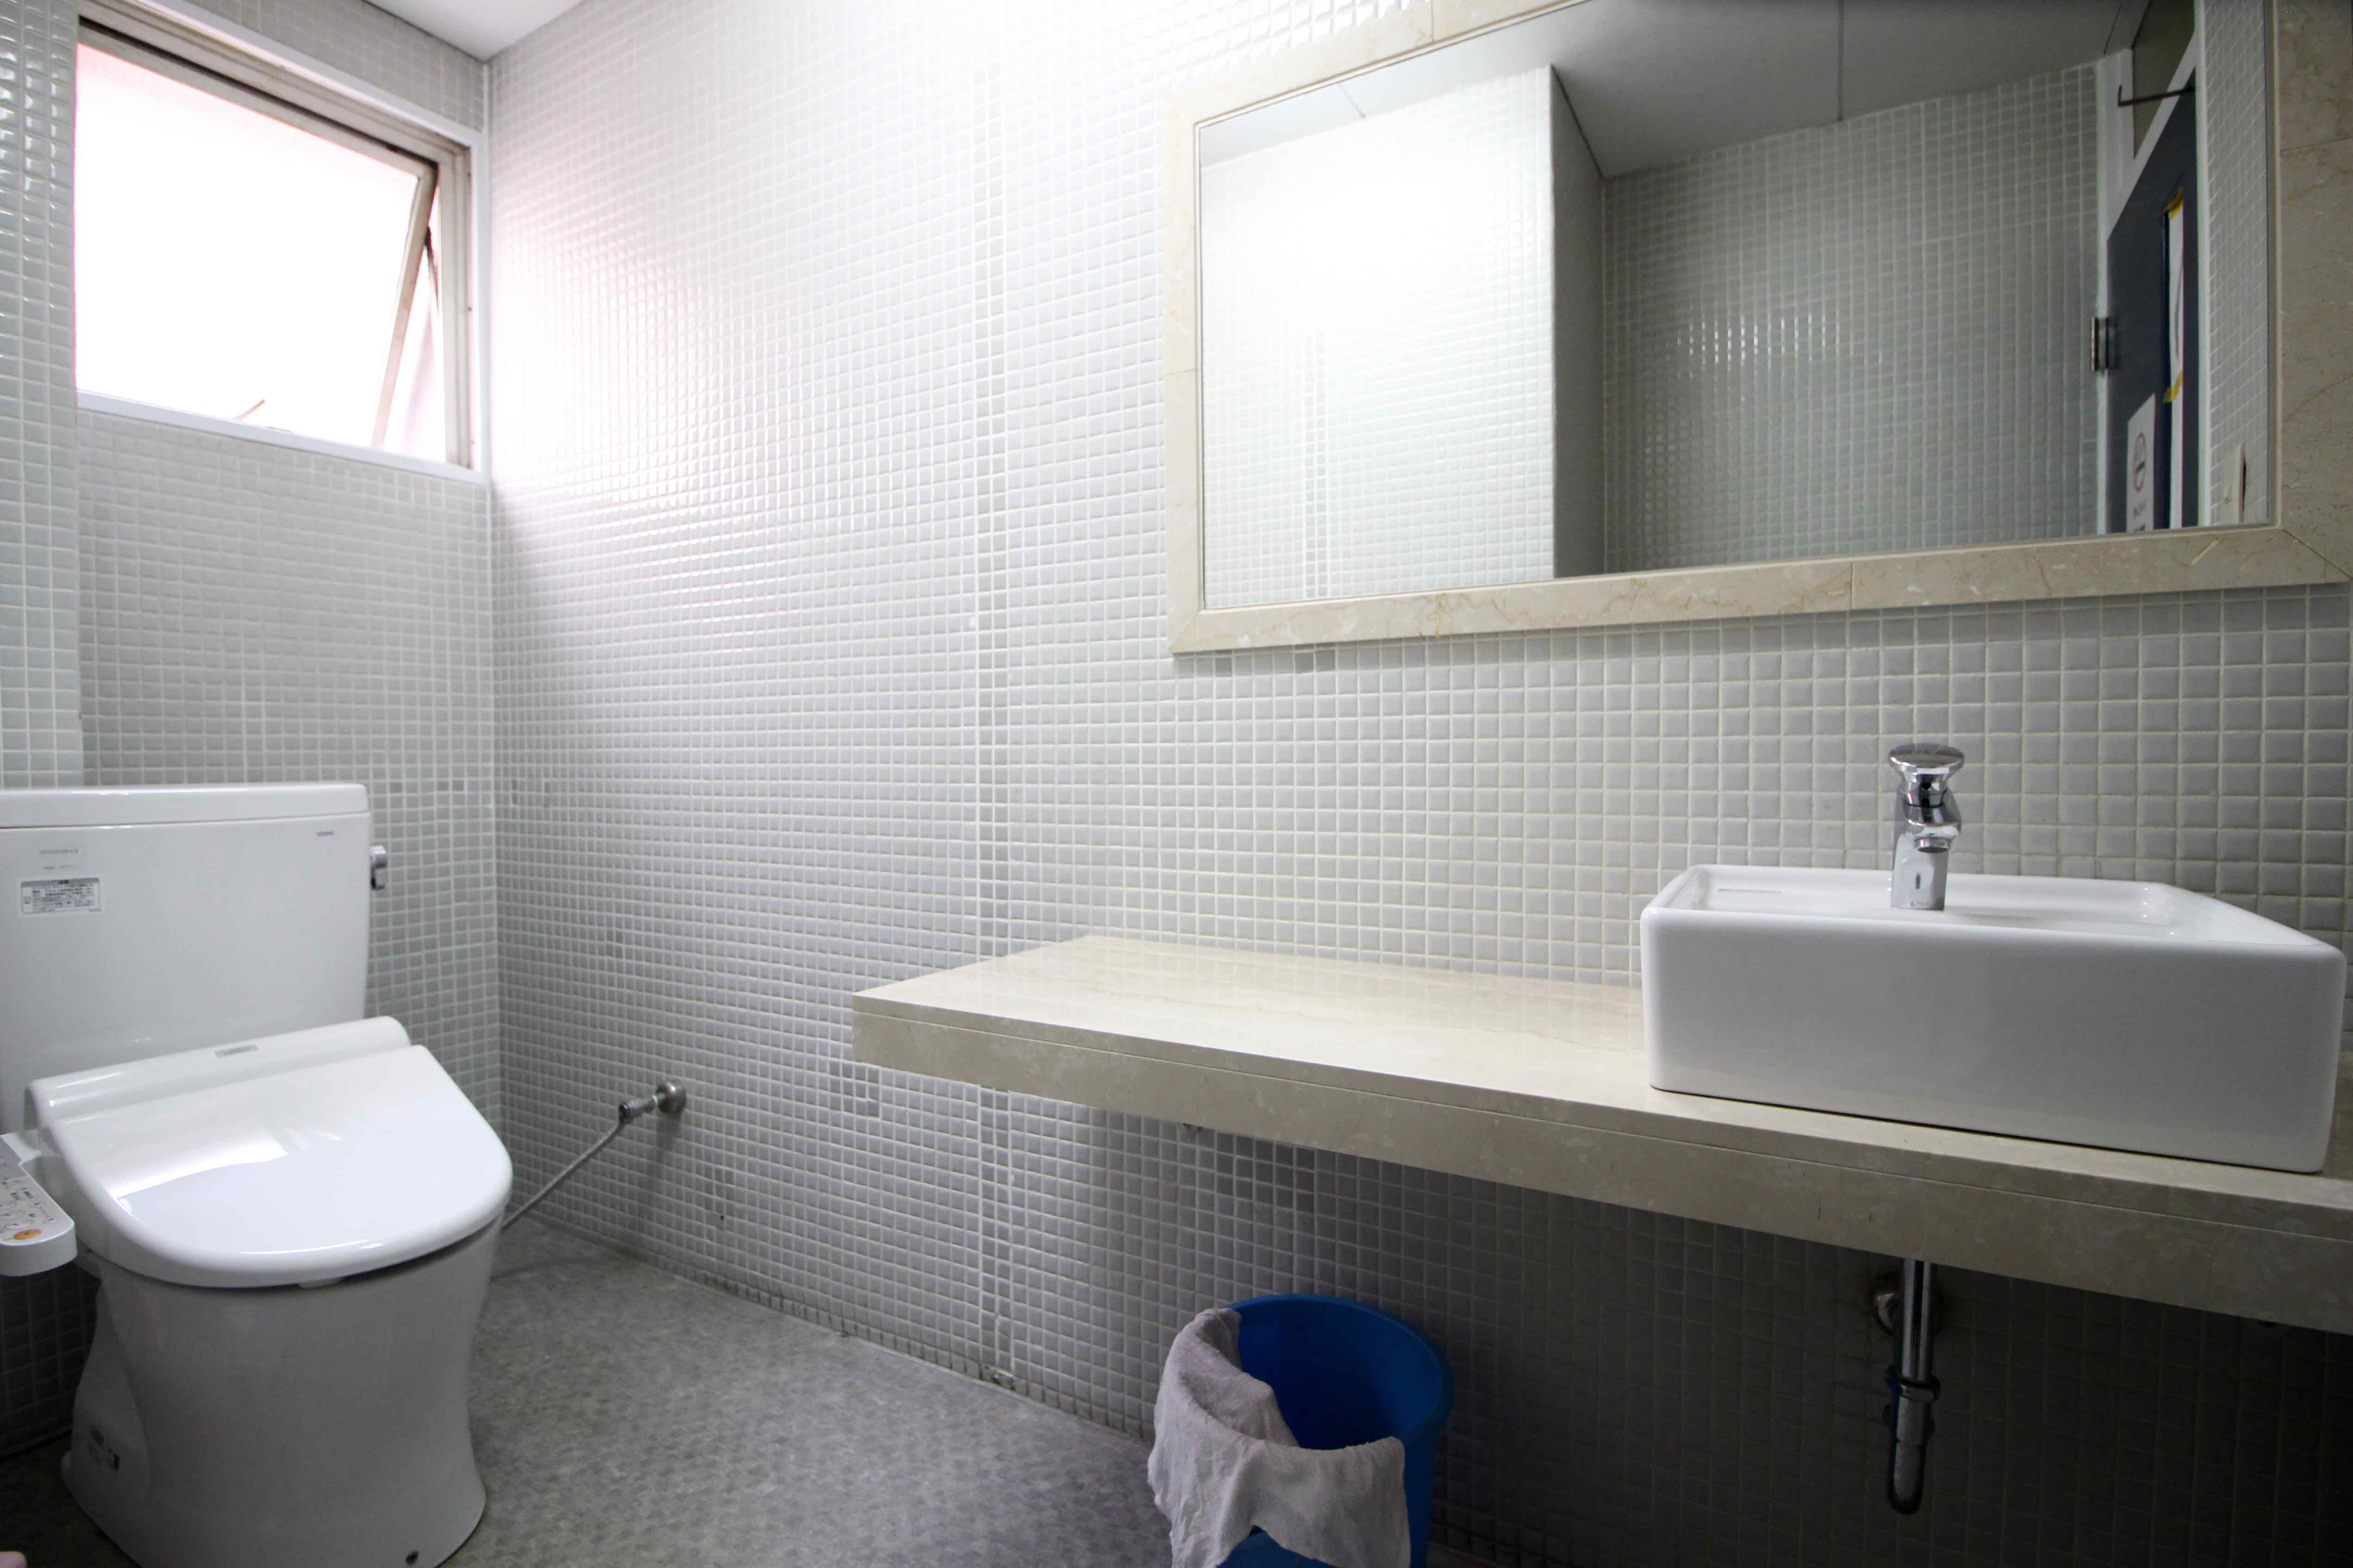 タイル張りの共用トイレ